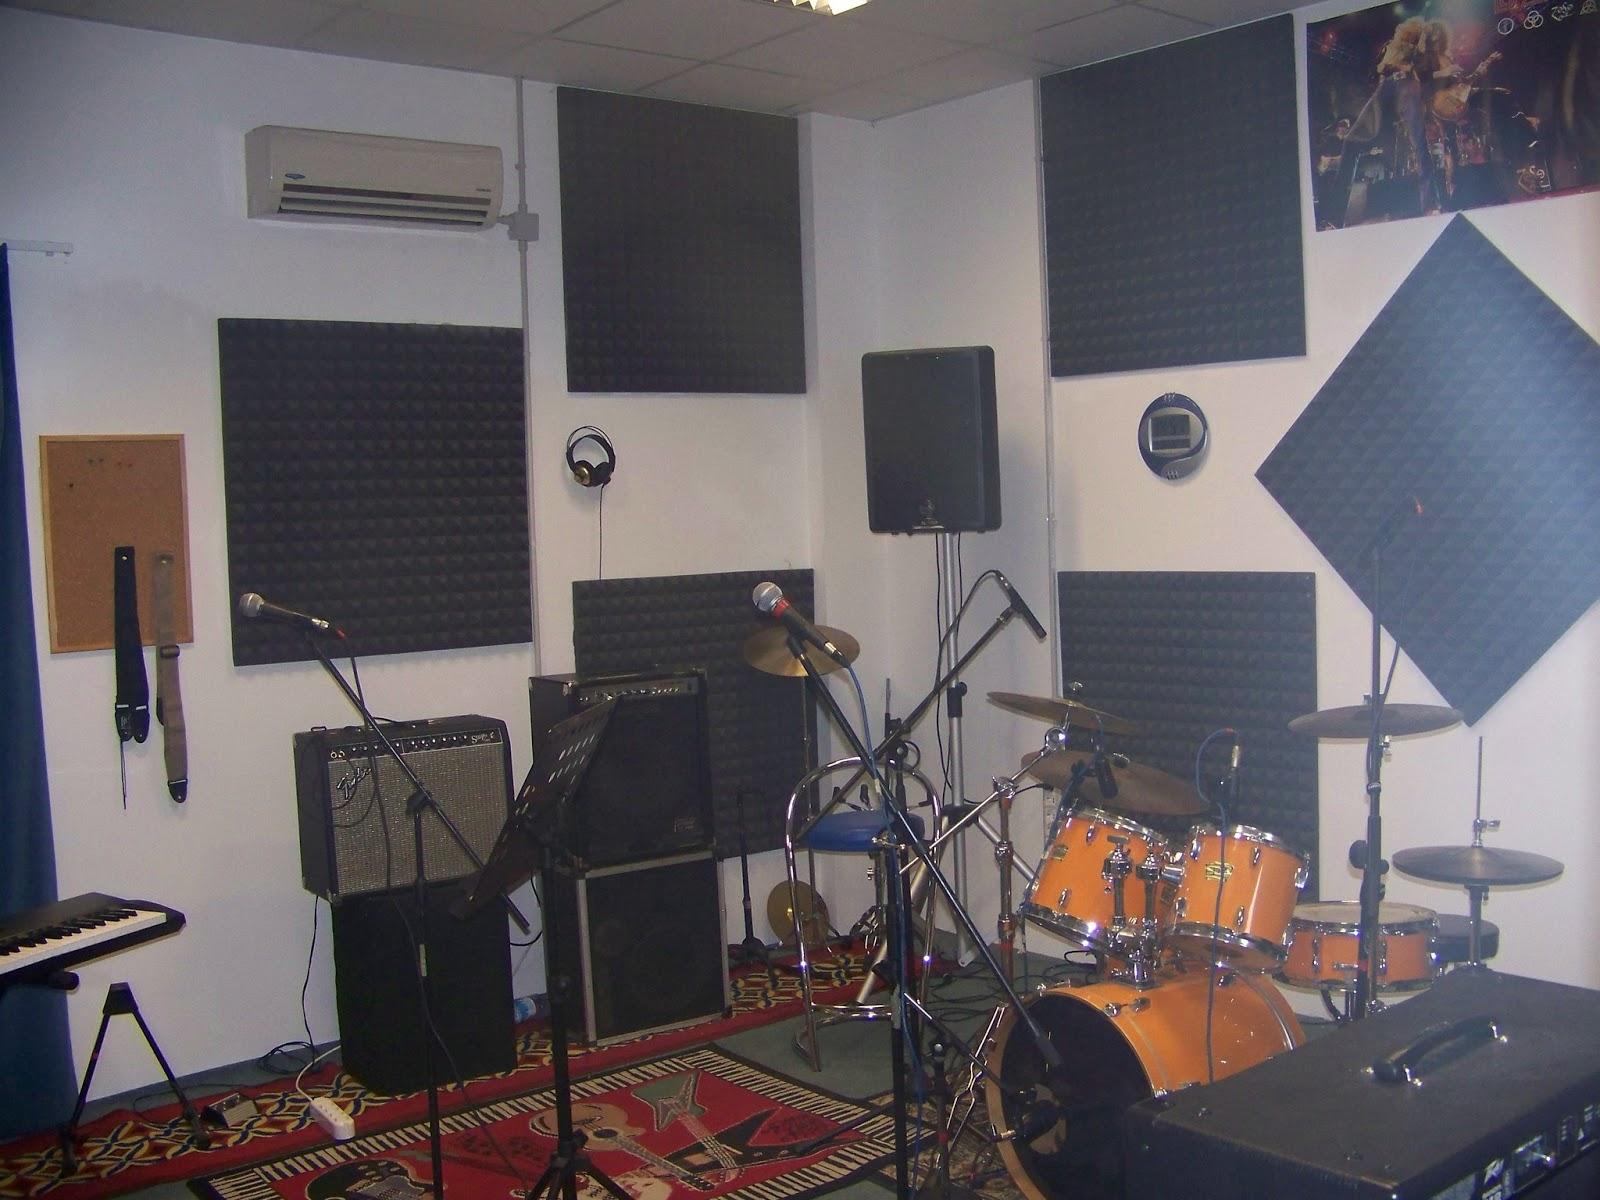 I giovani musicisti cercano casa sant 39 antonino di susa e - Sala insonorizzata ...